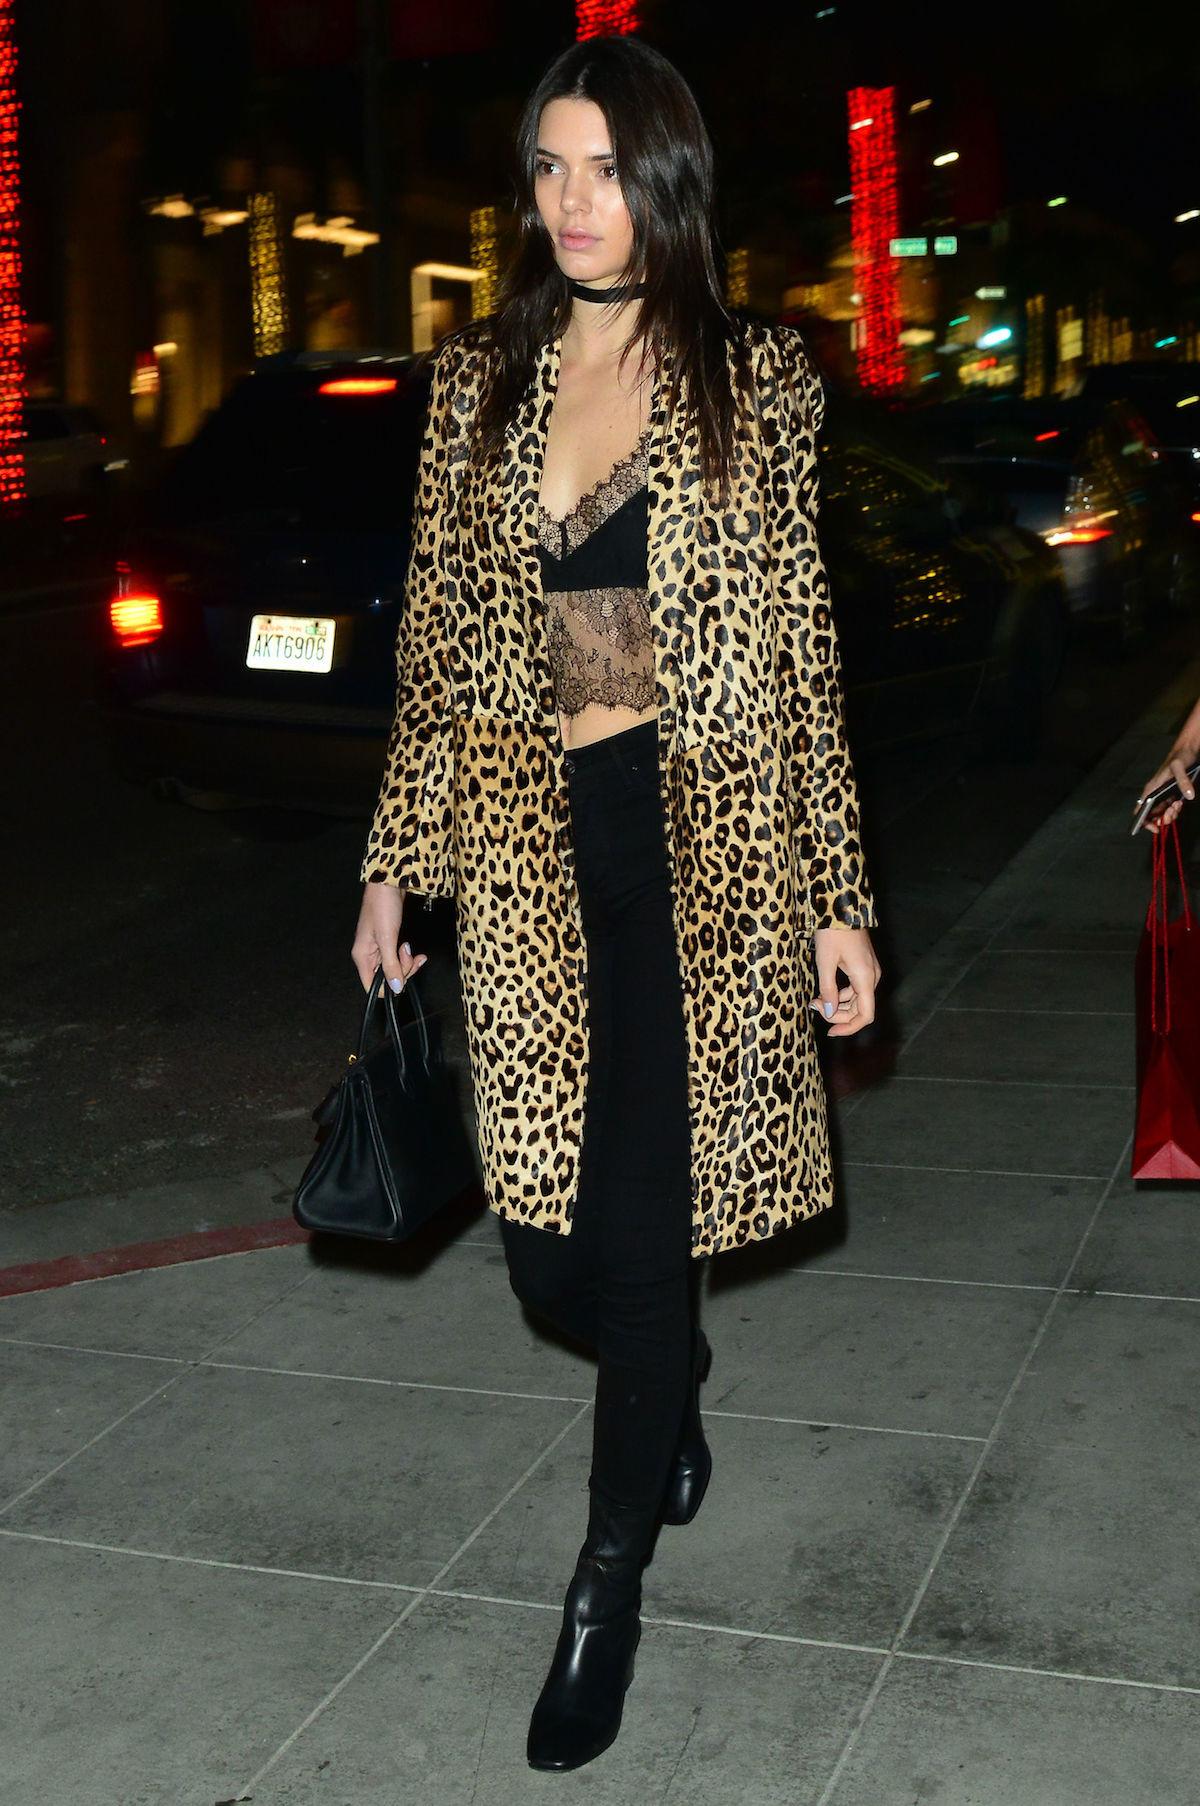 kendall con crop top - Los Mejores Looks De Invierno De Kendall Jenner